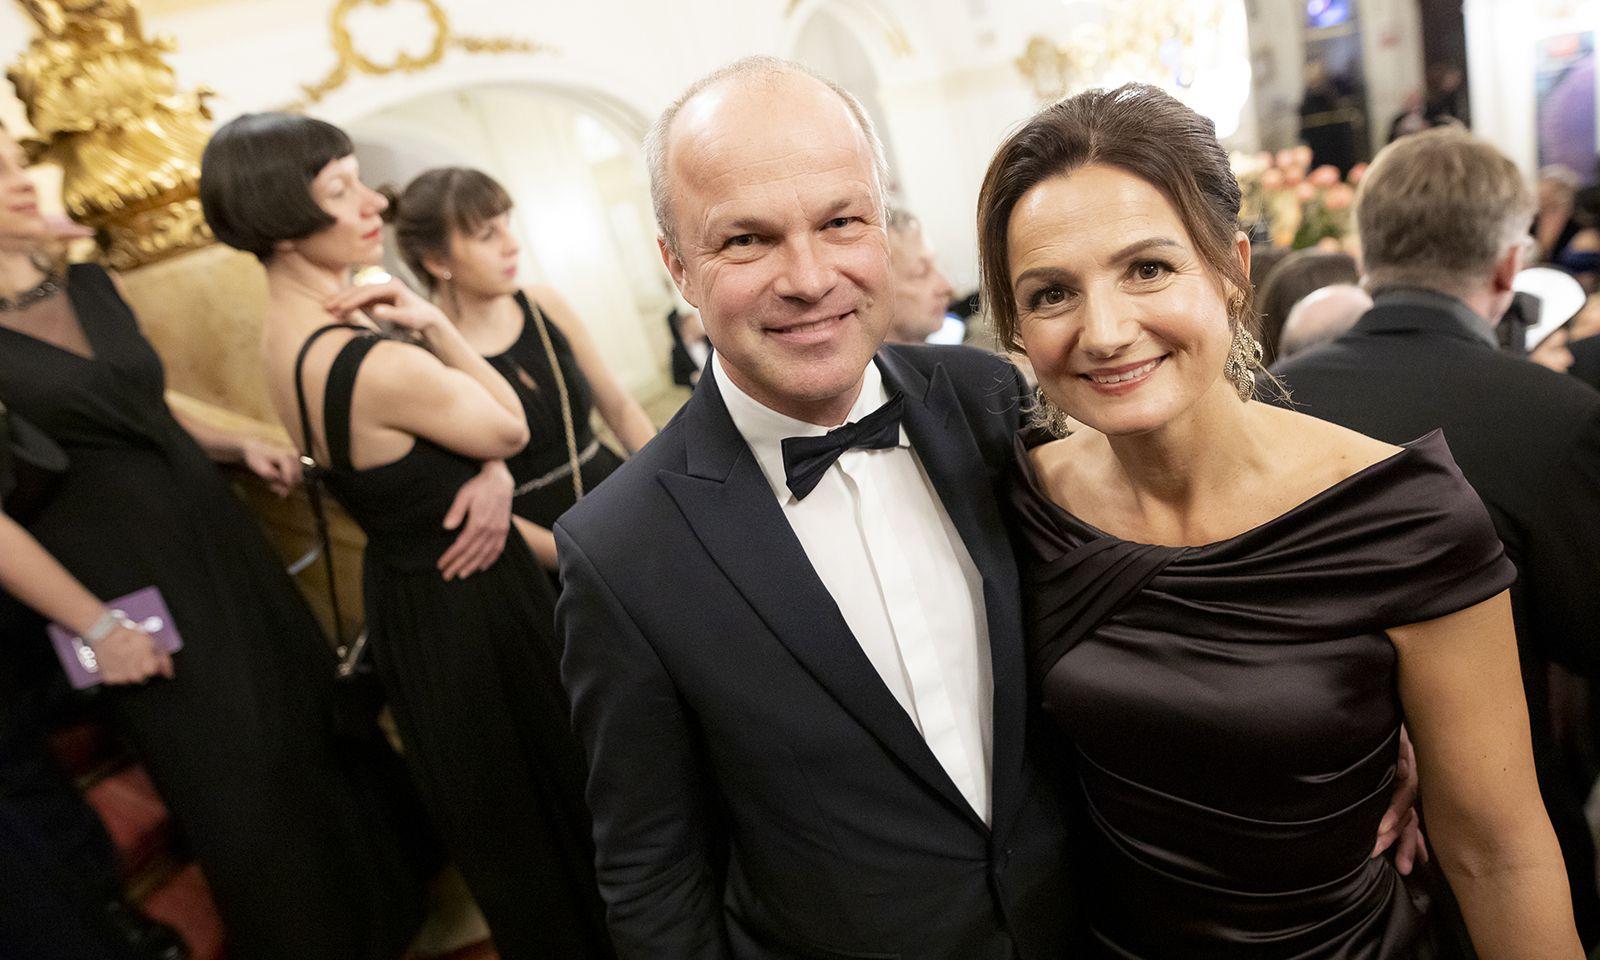 Styria-Vorstandschef Markus Mair mit Ehefrau Cornelia bei der Opernredoute.